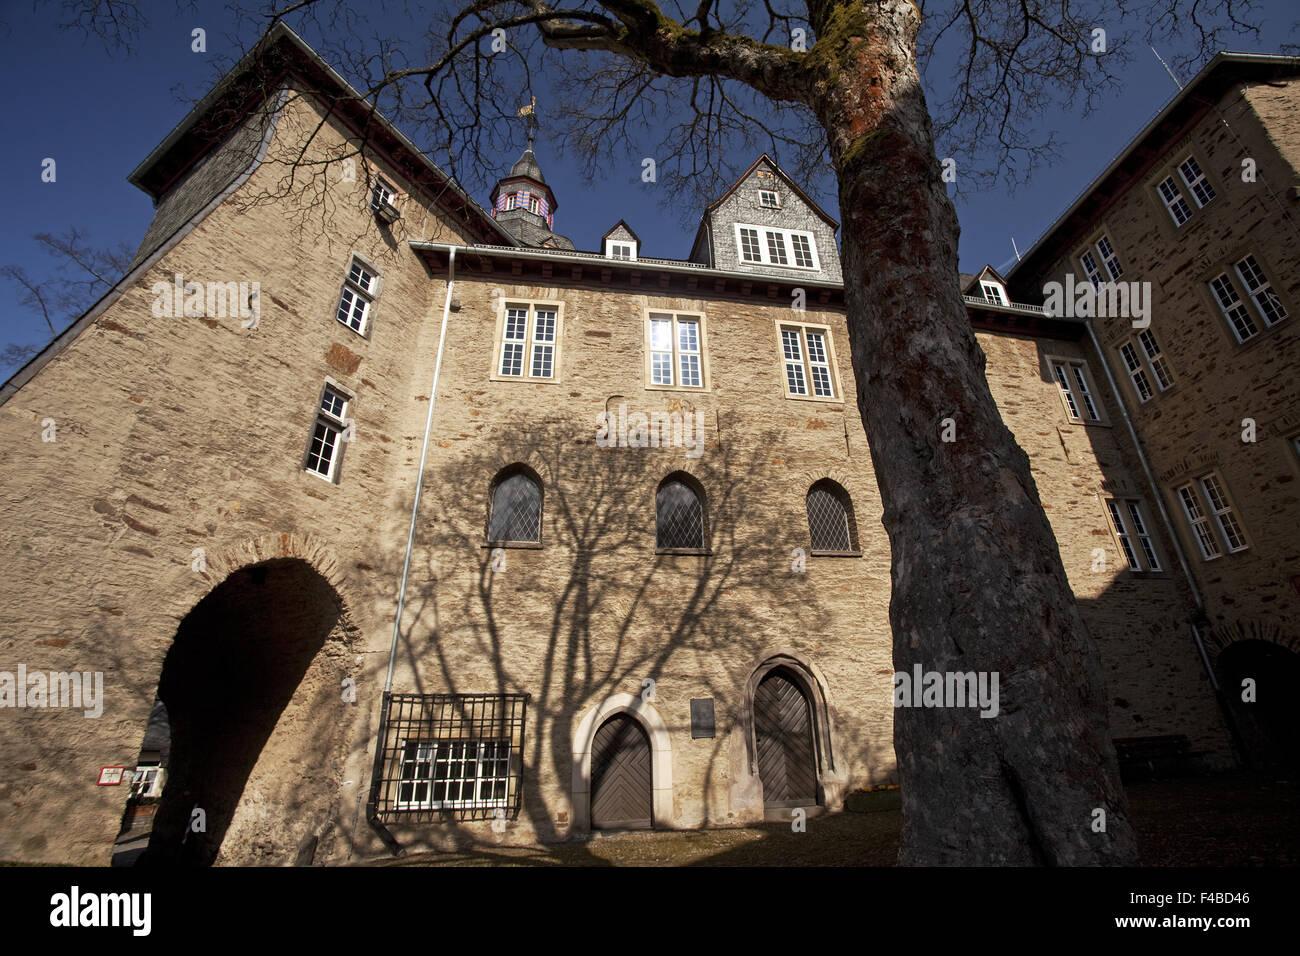 The Upper Castle in Siegen in Germany. - Stock Image